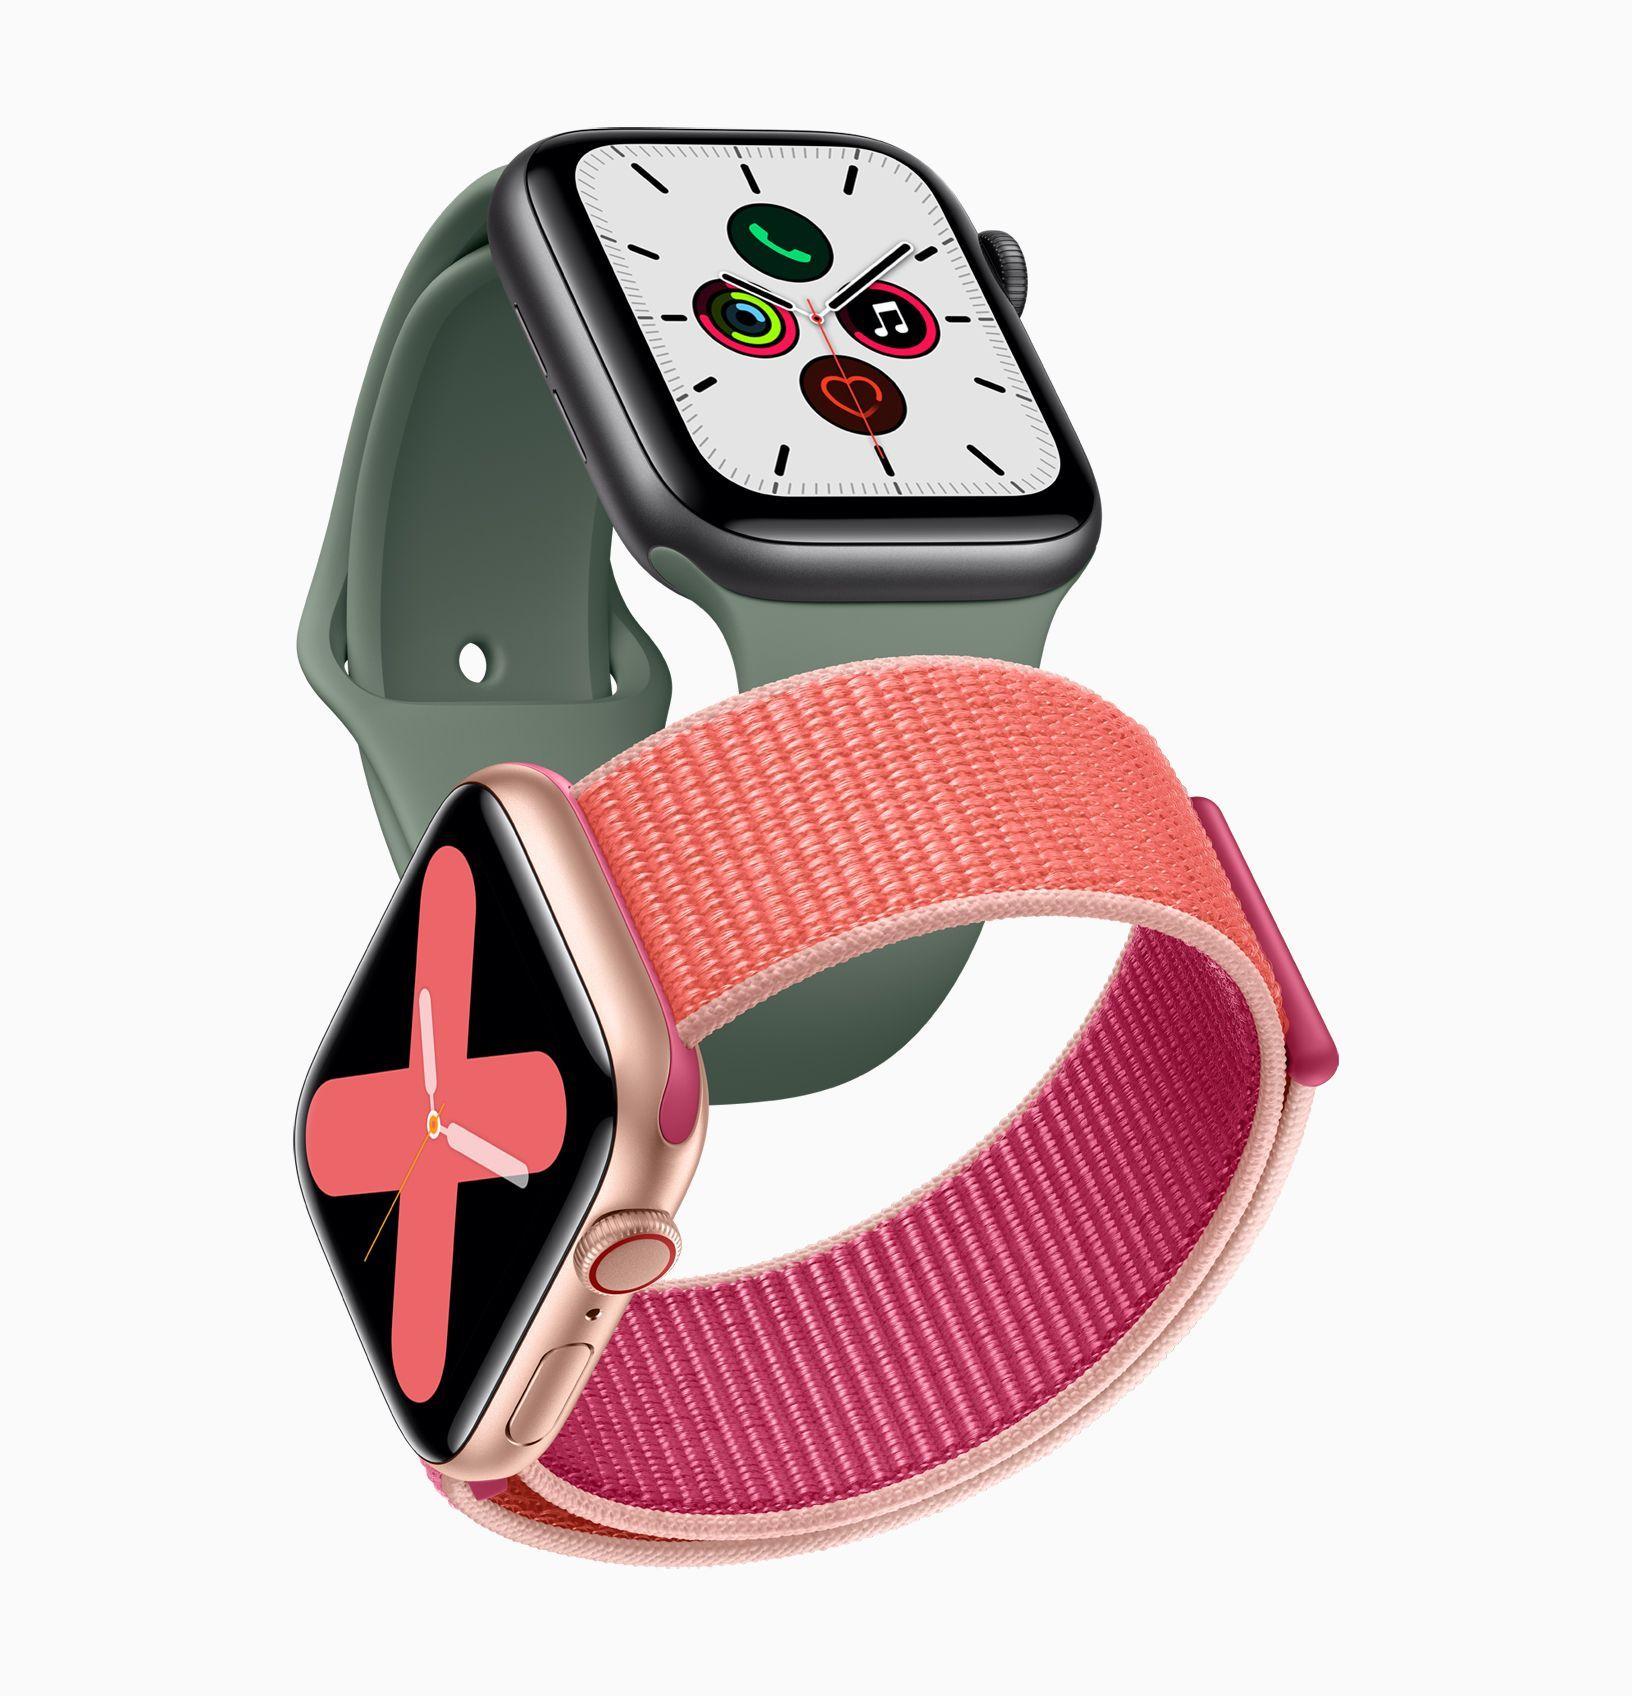 Nové Apple Watch sú drahé a vydržia iba dva dni. V tomto však porážajú konkurenciu (Recenzia)